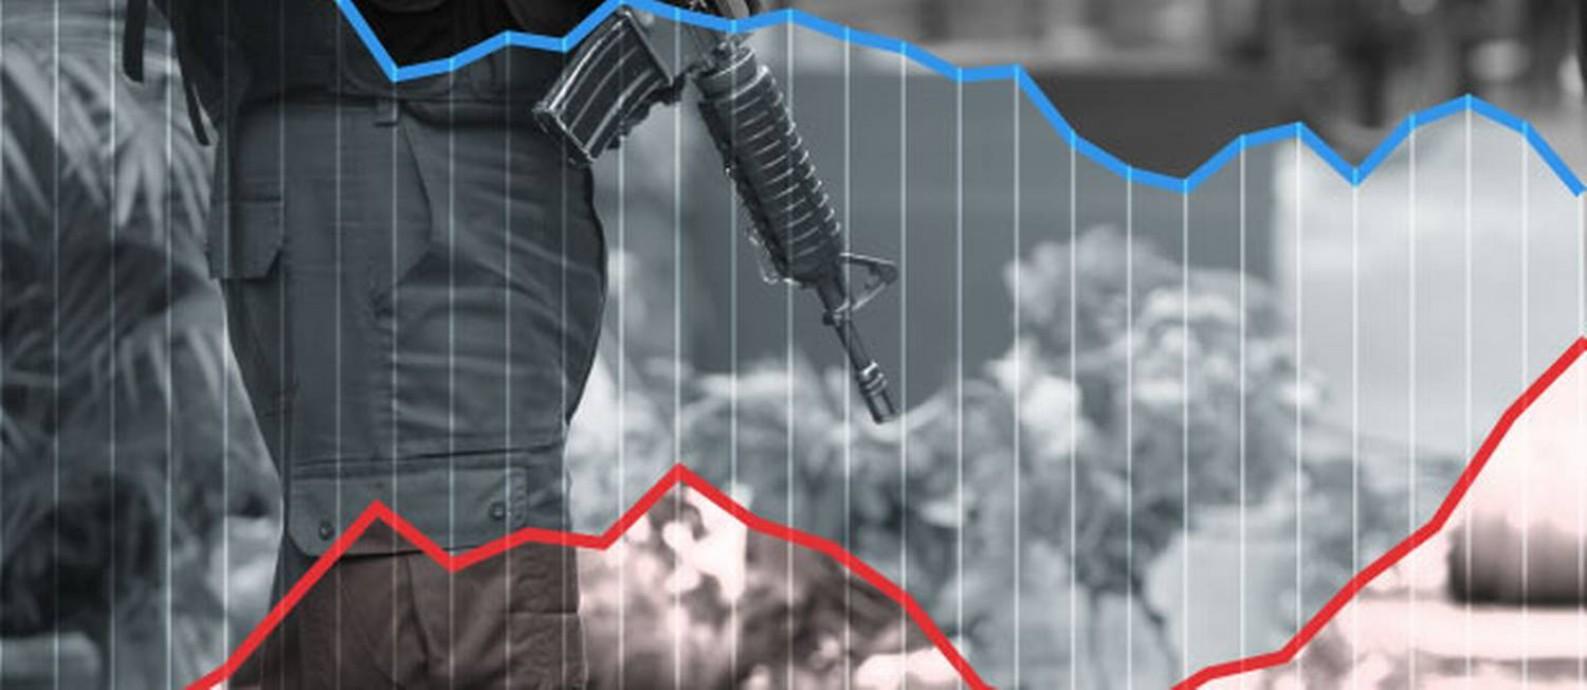 Instituto de Segurança Pública divulgou os índices de 2019 Foto: Editoria de Arte